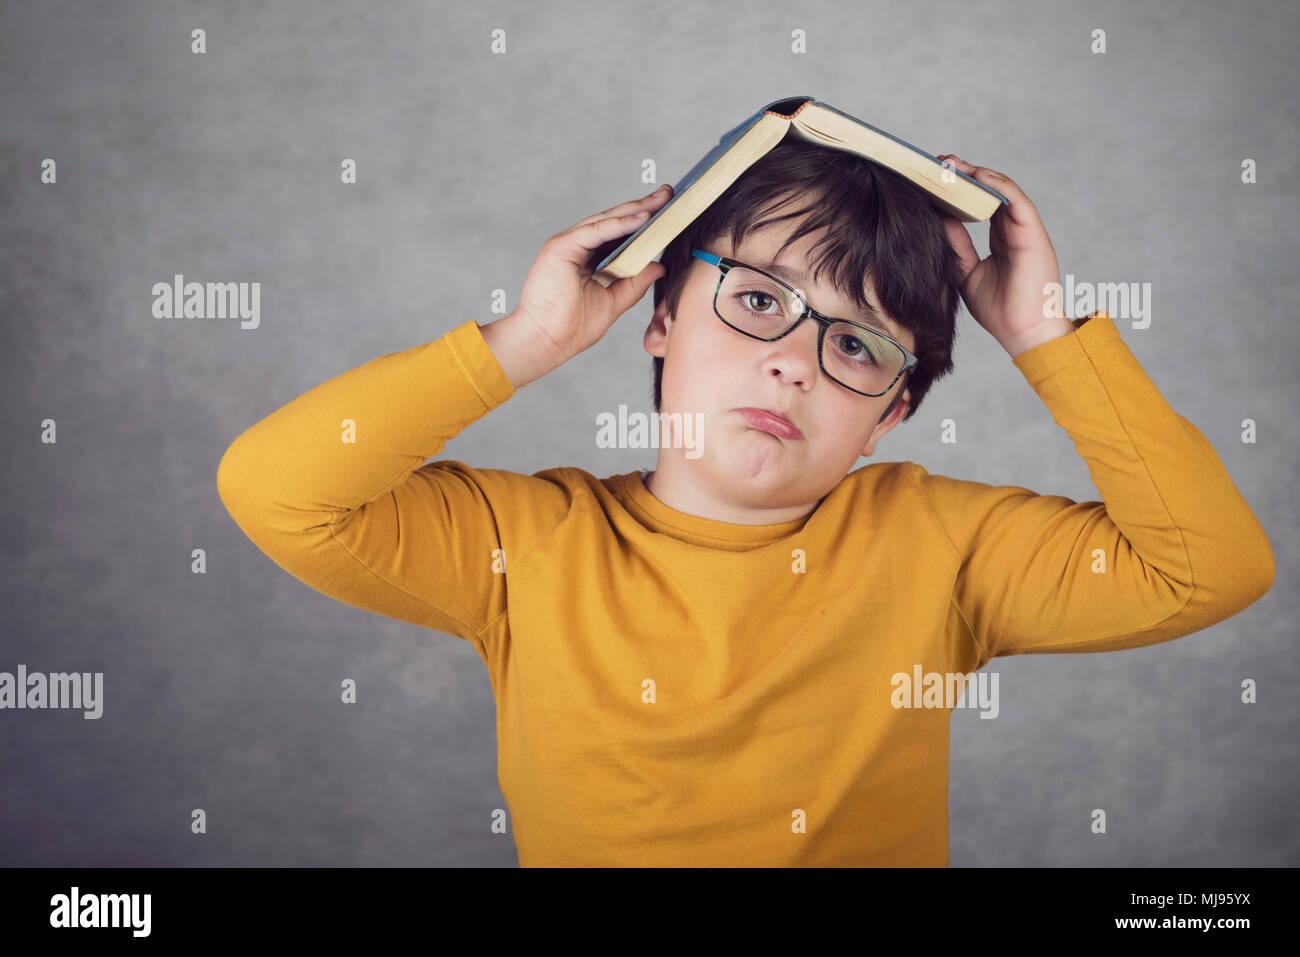 Triste e pensieroso ragazzo con un libro sulla sua testa su sfondo grigio Immagini Stock